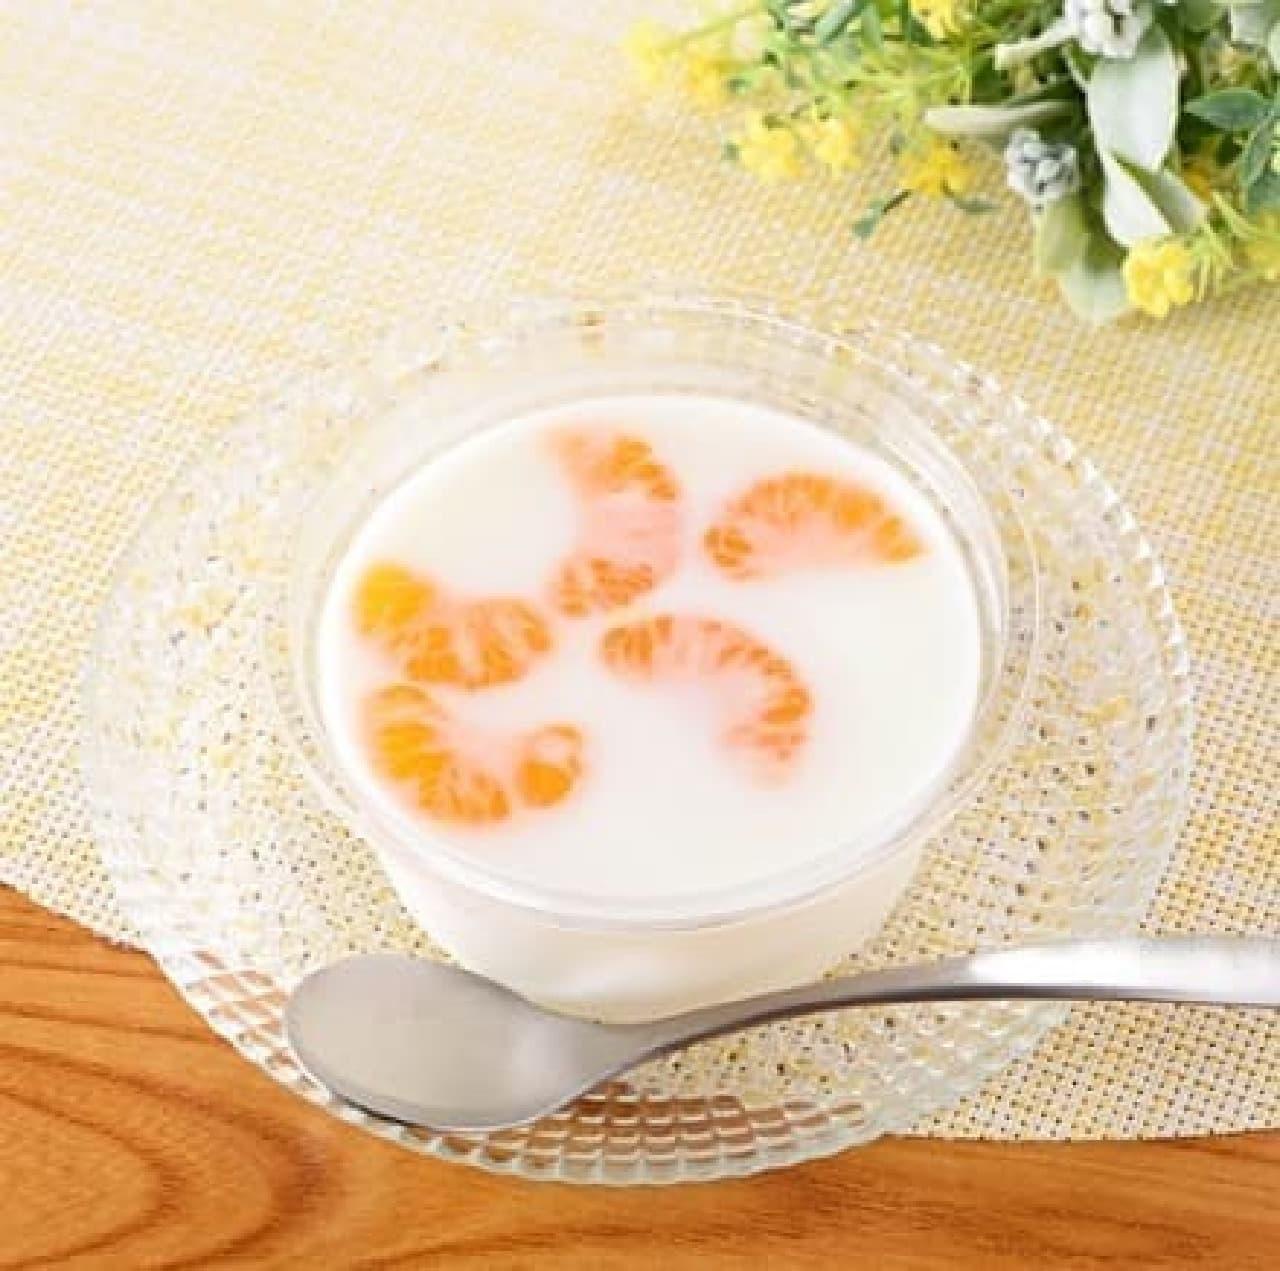 ファミリーマート「みかんの牛乳寒天」